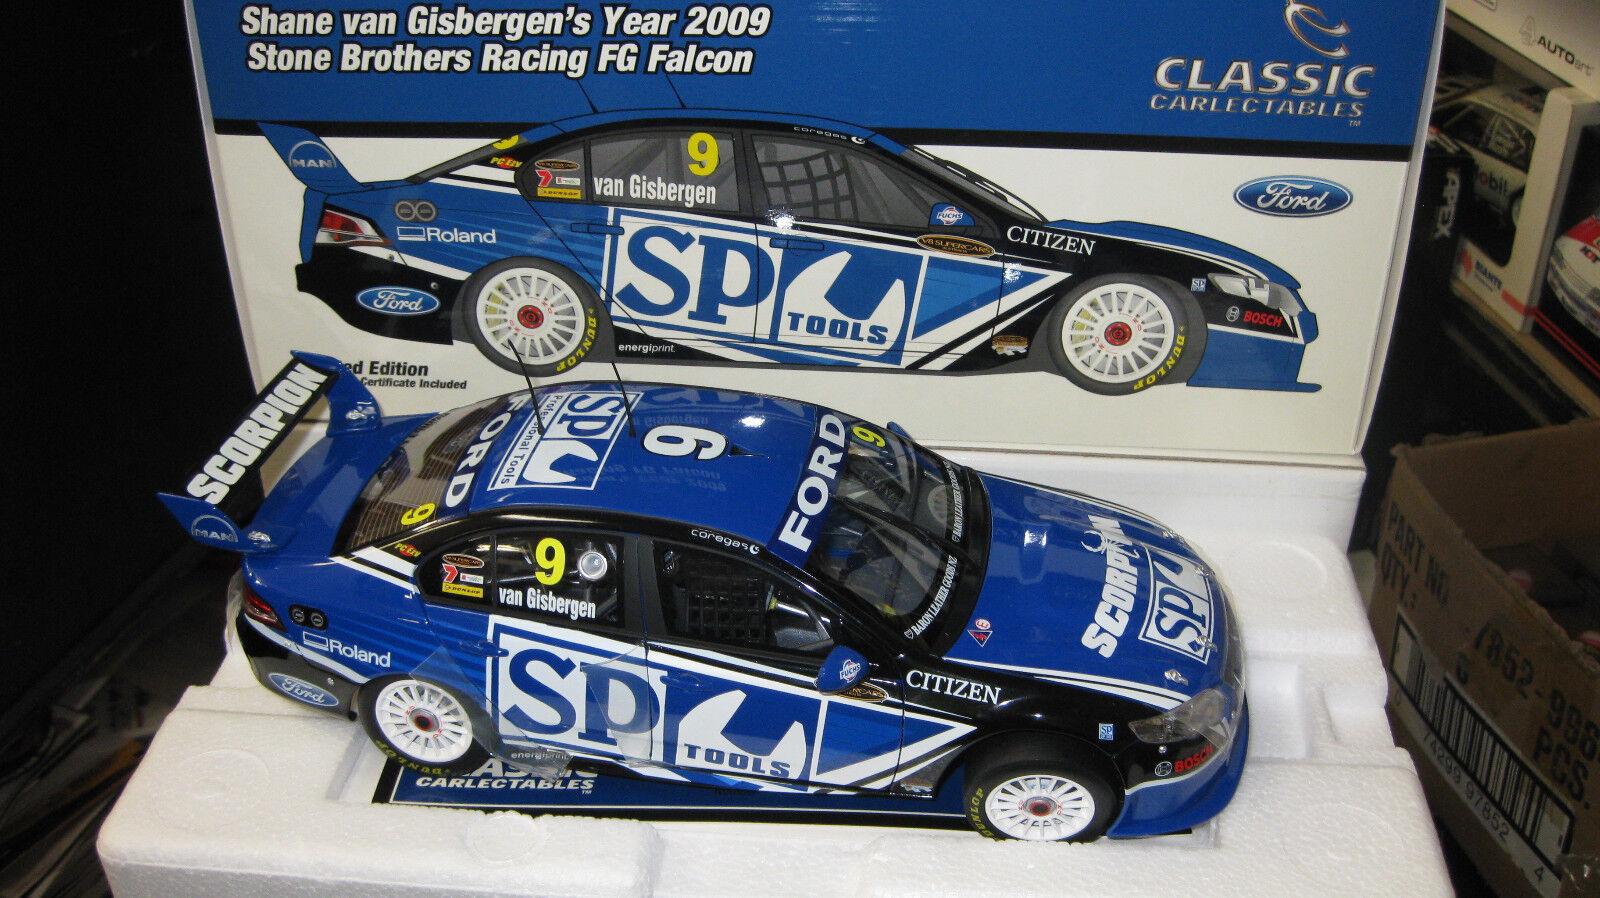 CLASSIC 1/18 S VAN GISBERGEN FORD FG FALCON 2009 SBR SP TOOLS V8 SUPERCAR  18395